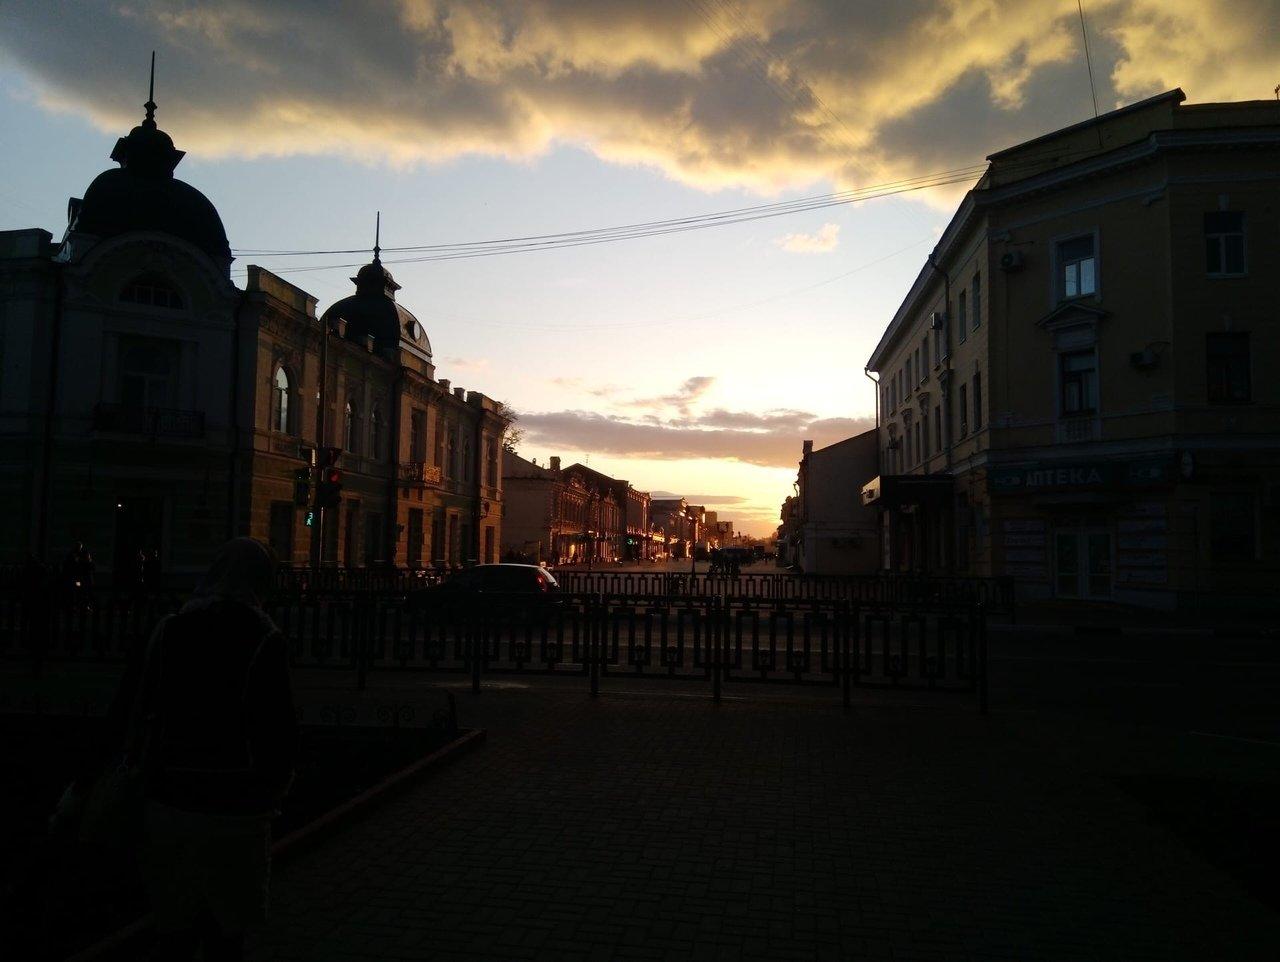 Активист Тамбовского филиала РАНХиГС принял участие в онлайн-акции, фото-3